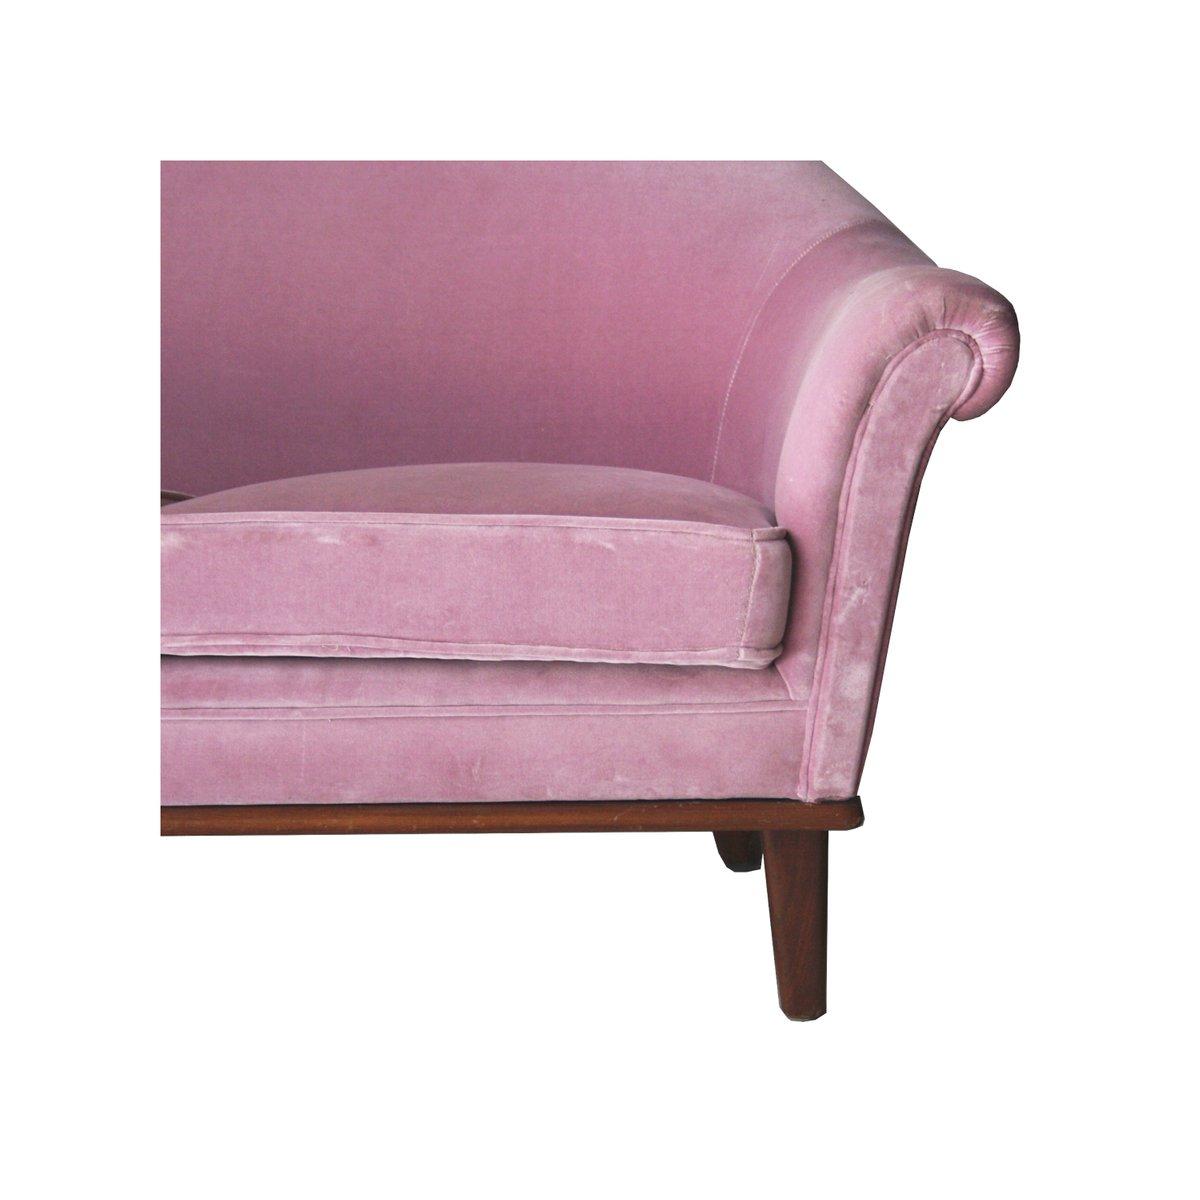 schwedisches samtsofa in rosa 1950er bei pamono kaufen. Black Bedroom Furniture Sets. Home Design Ideas